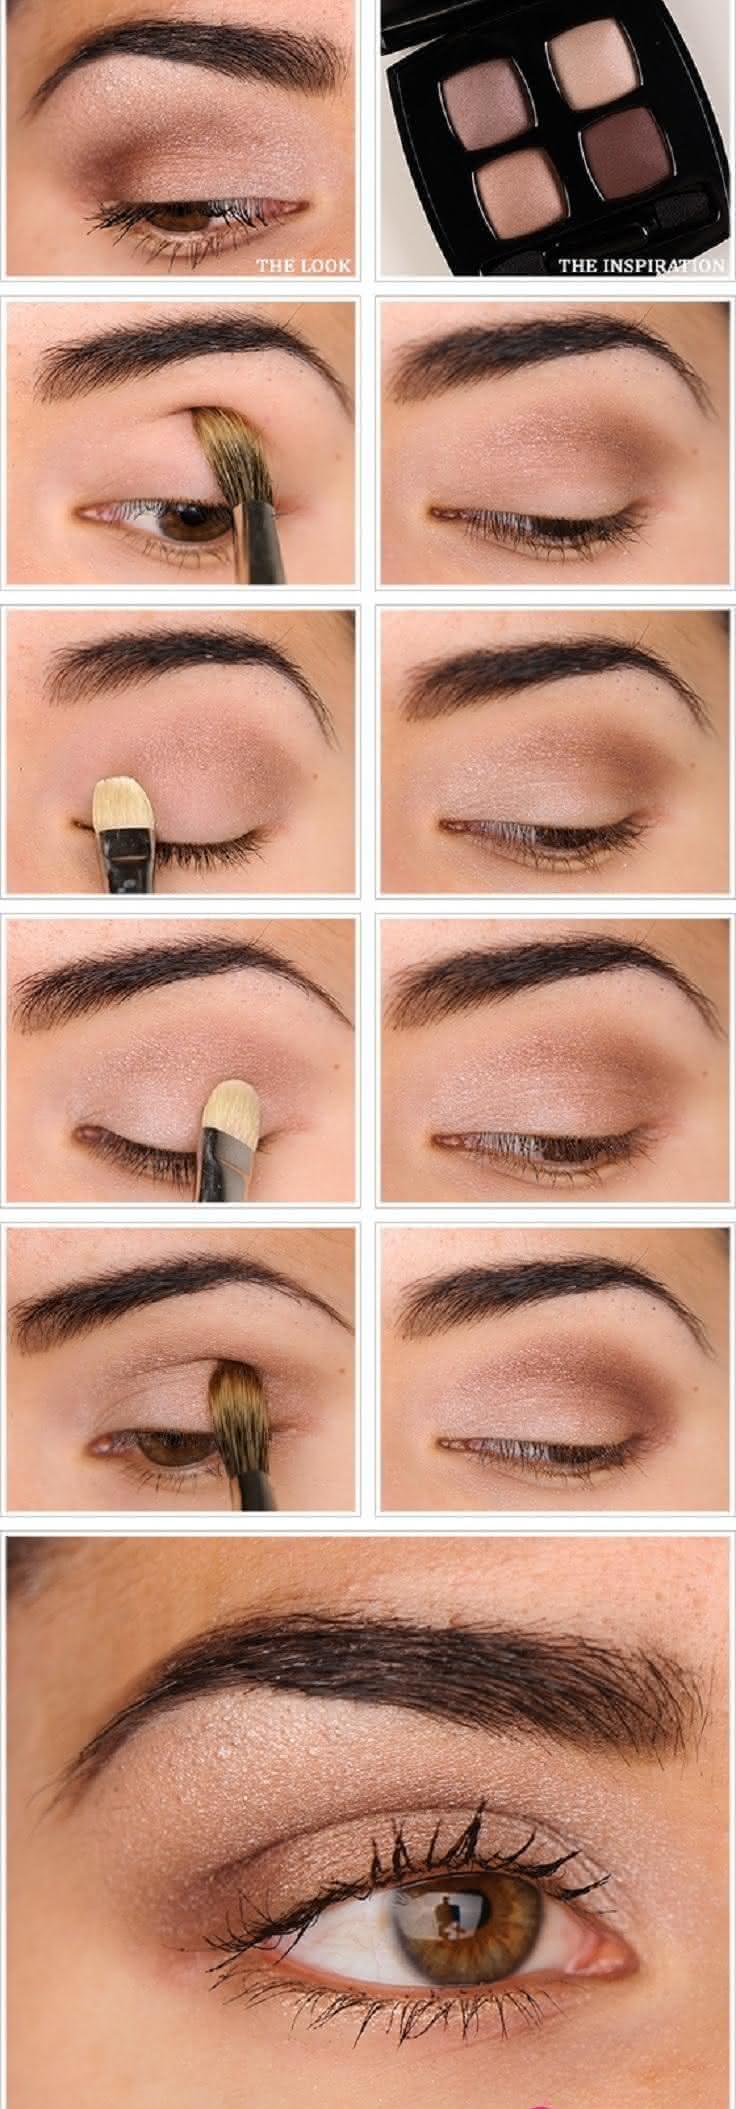 natural-eye-makeup-for-brown-eyes-photo-top-10-tutorials-for-natural-eye-make